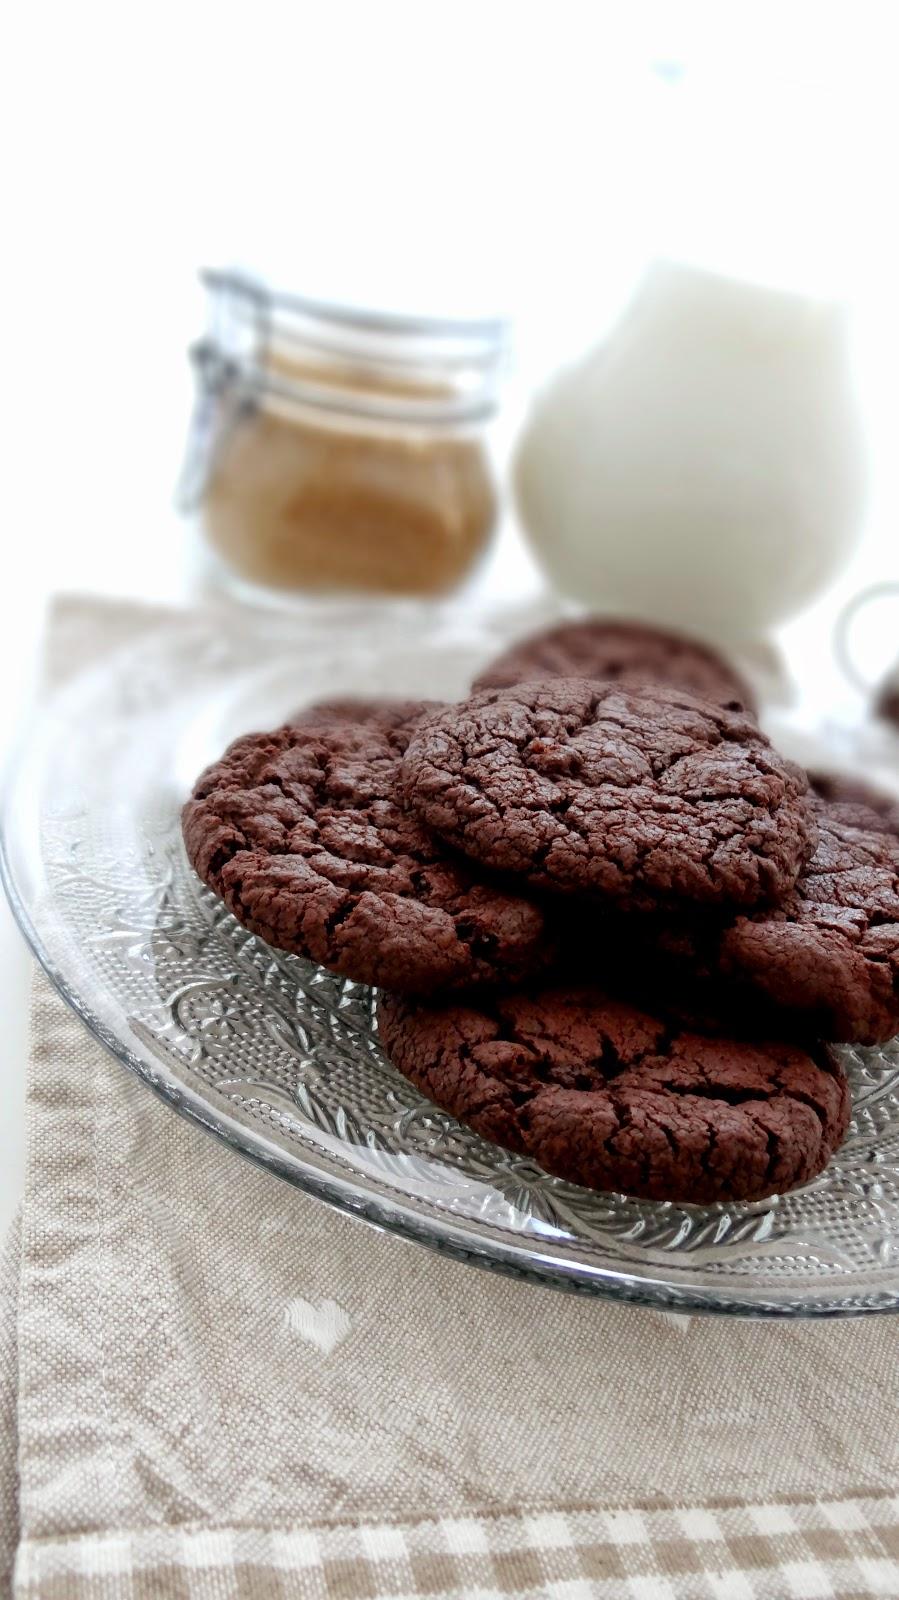 Biscotti al doppio cioccolato d Donna Hay - cookies